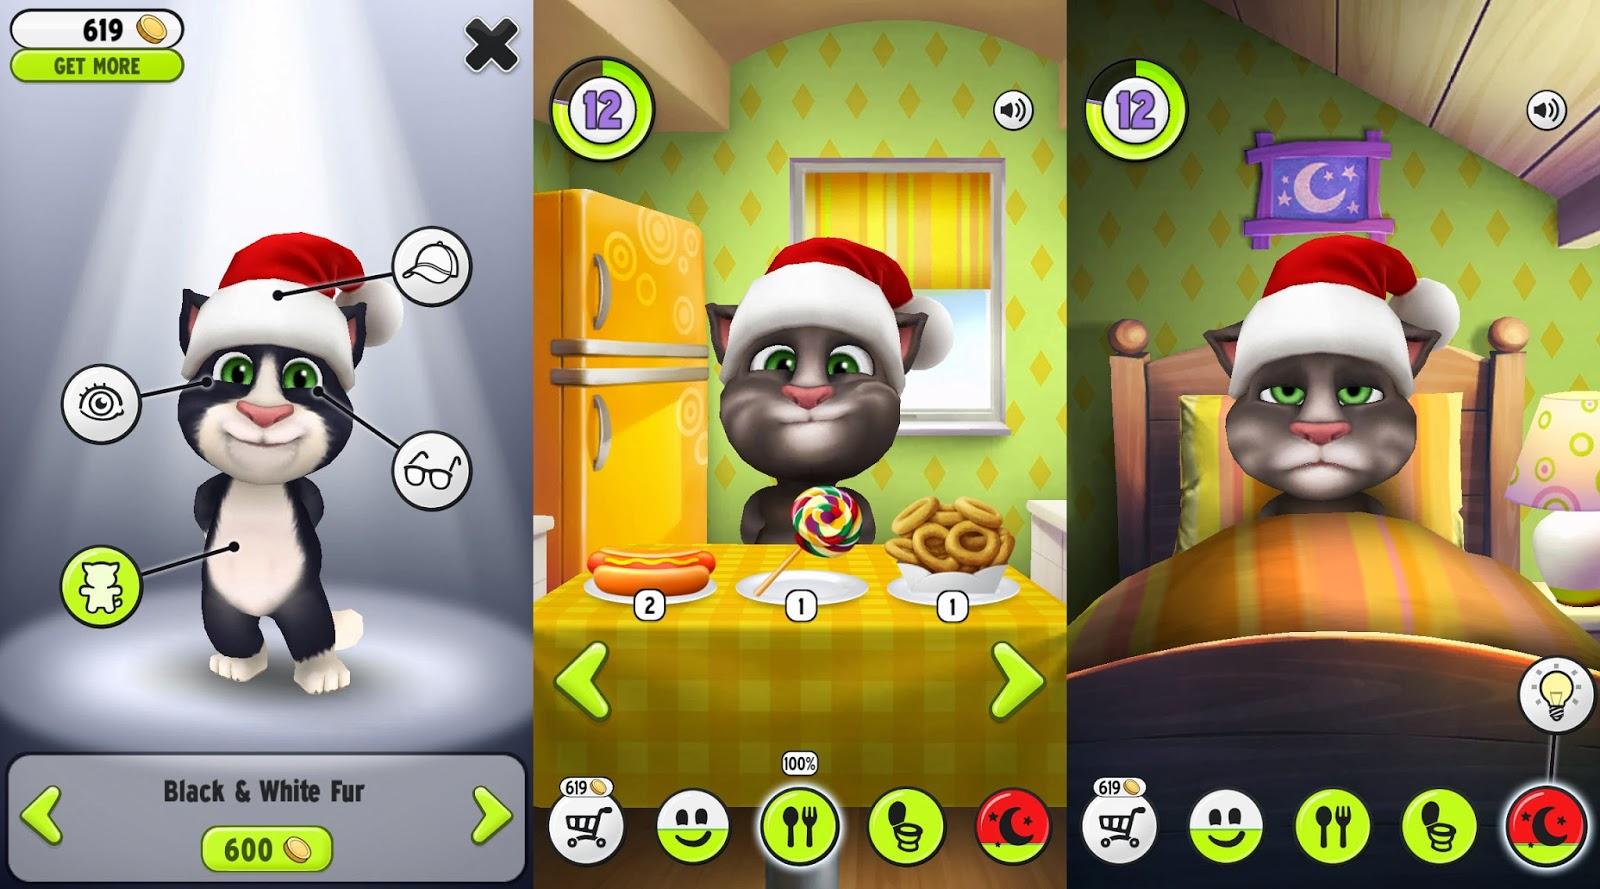 دانلود بازی تام سخنگو 5.9.0.716 My Talking Tom برای اندروید + آیفون